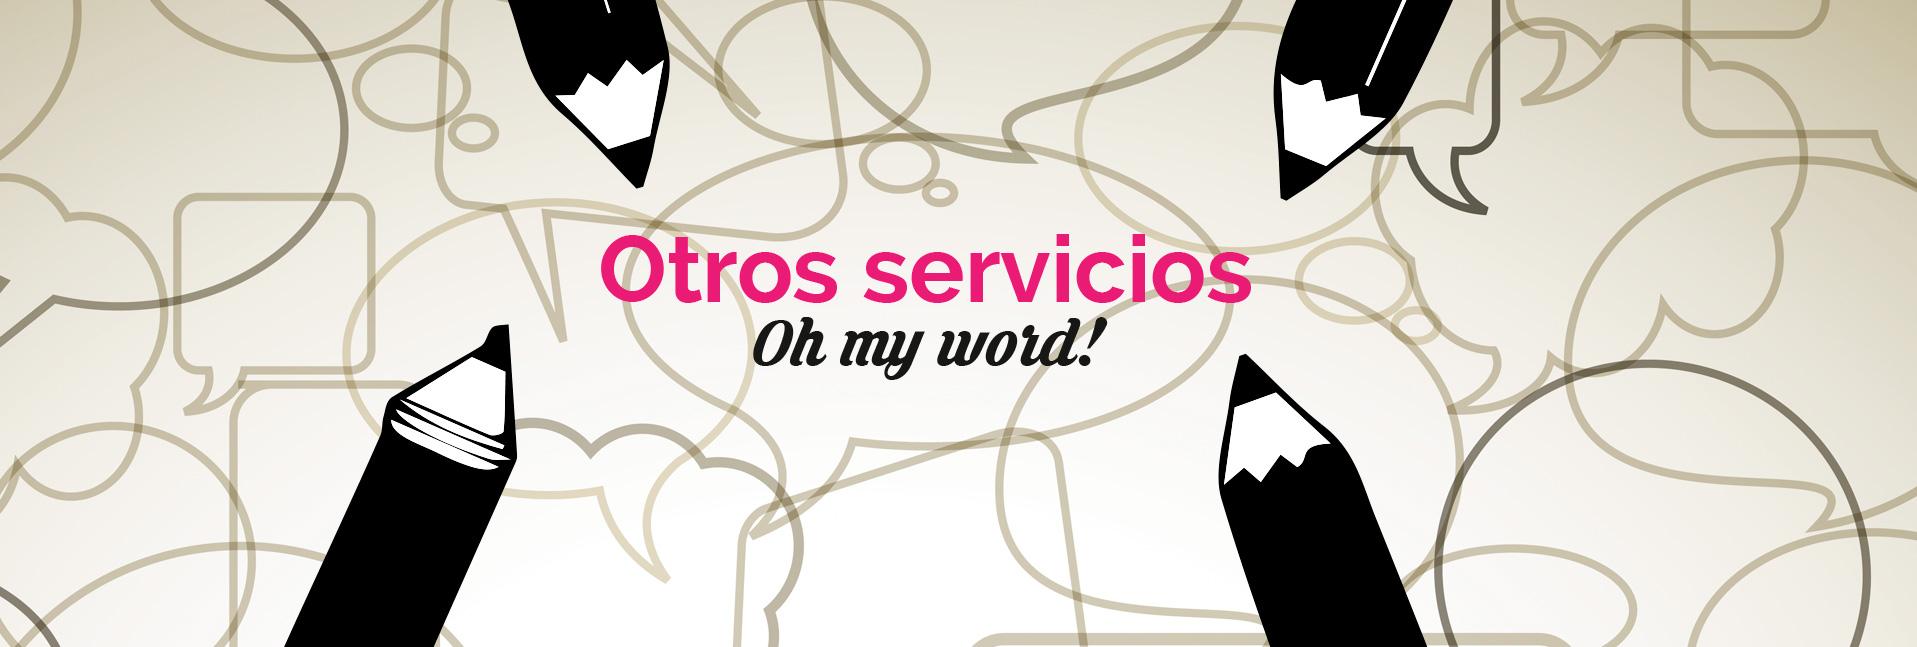 ohmyword!. Empresa de traducción. Traductores nativos.